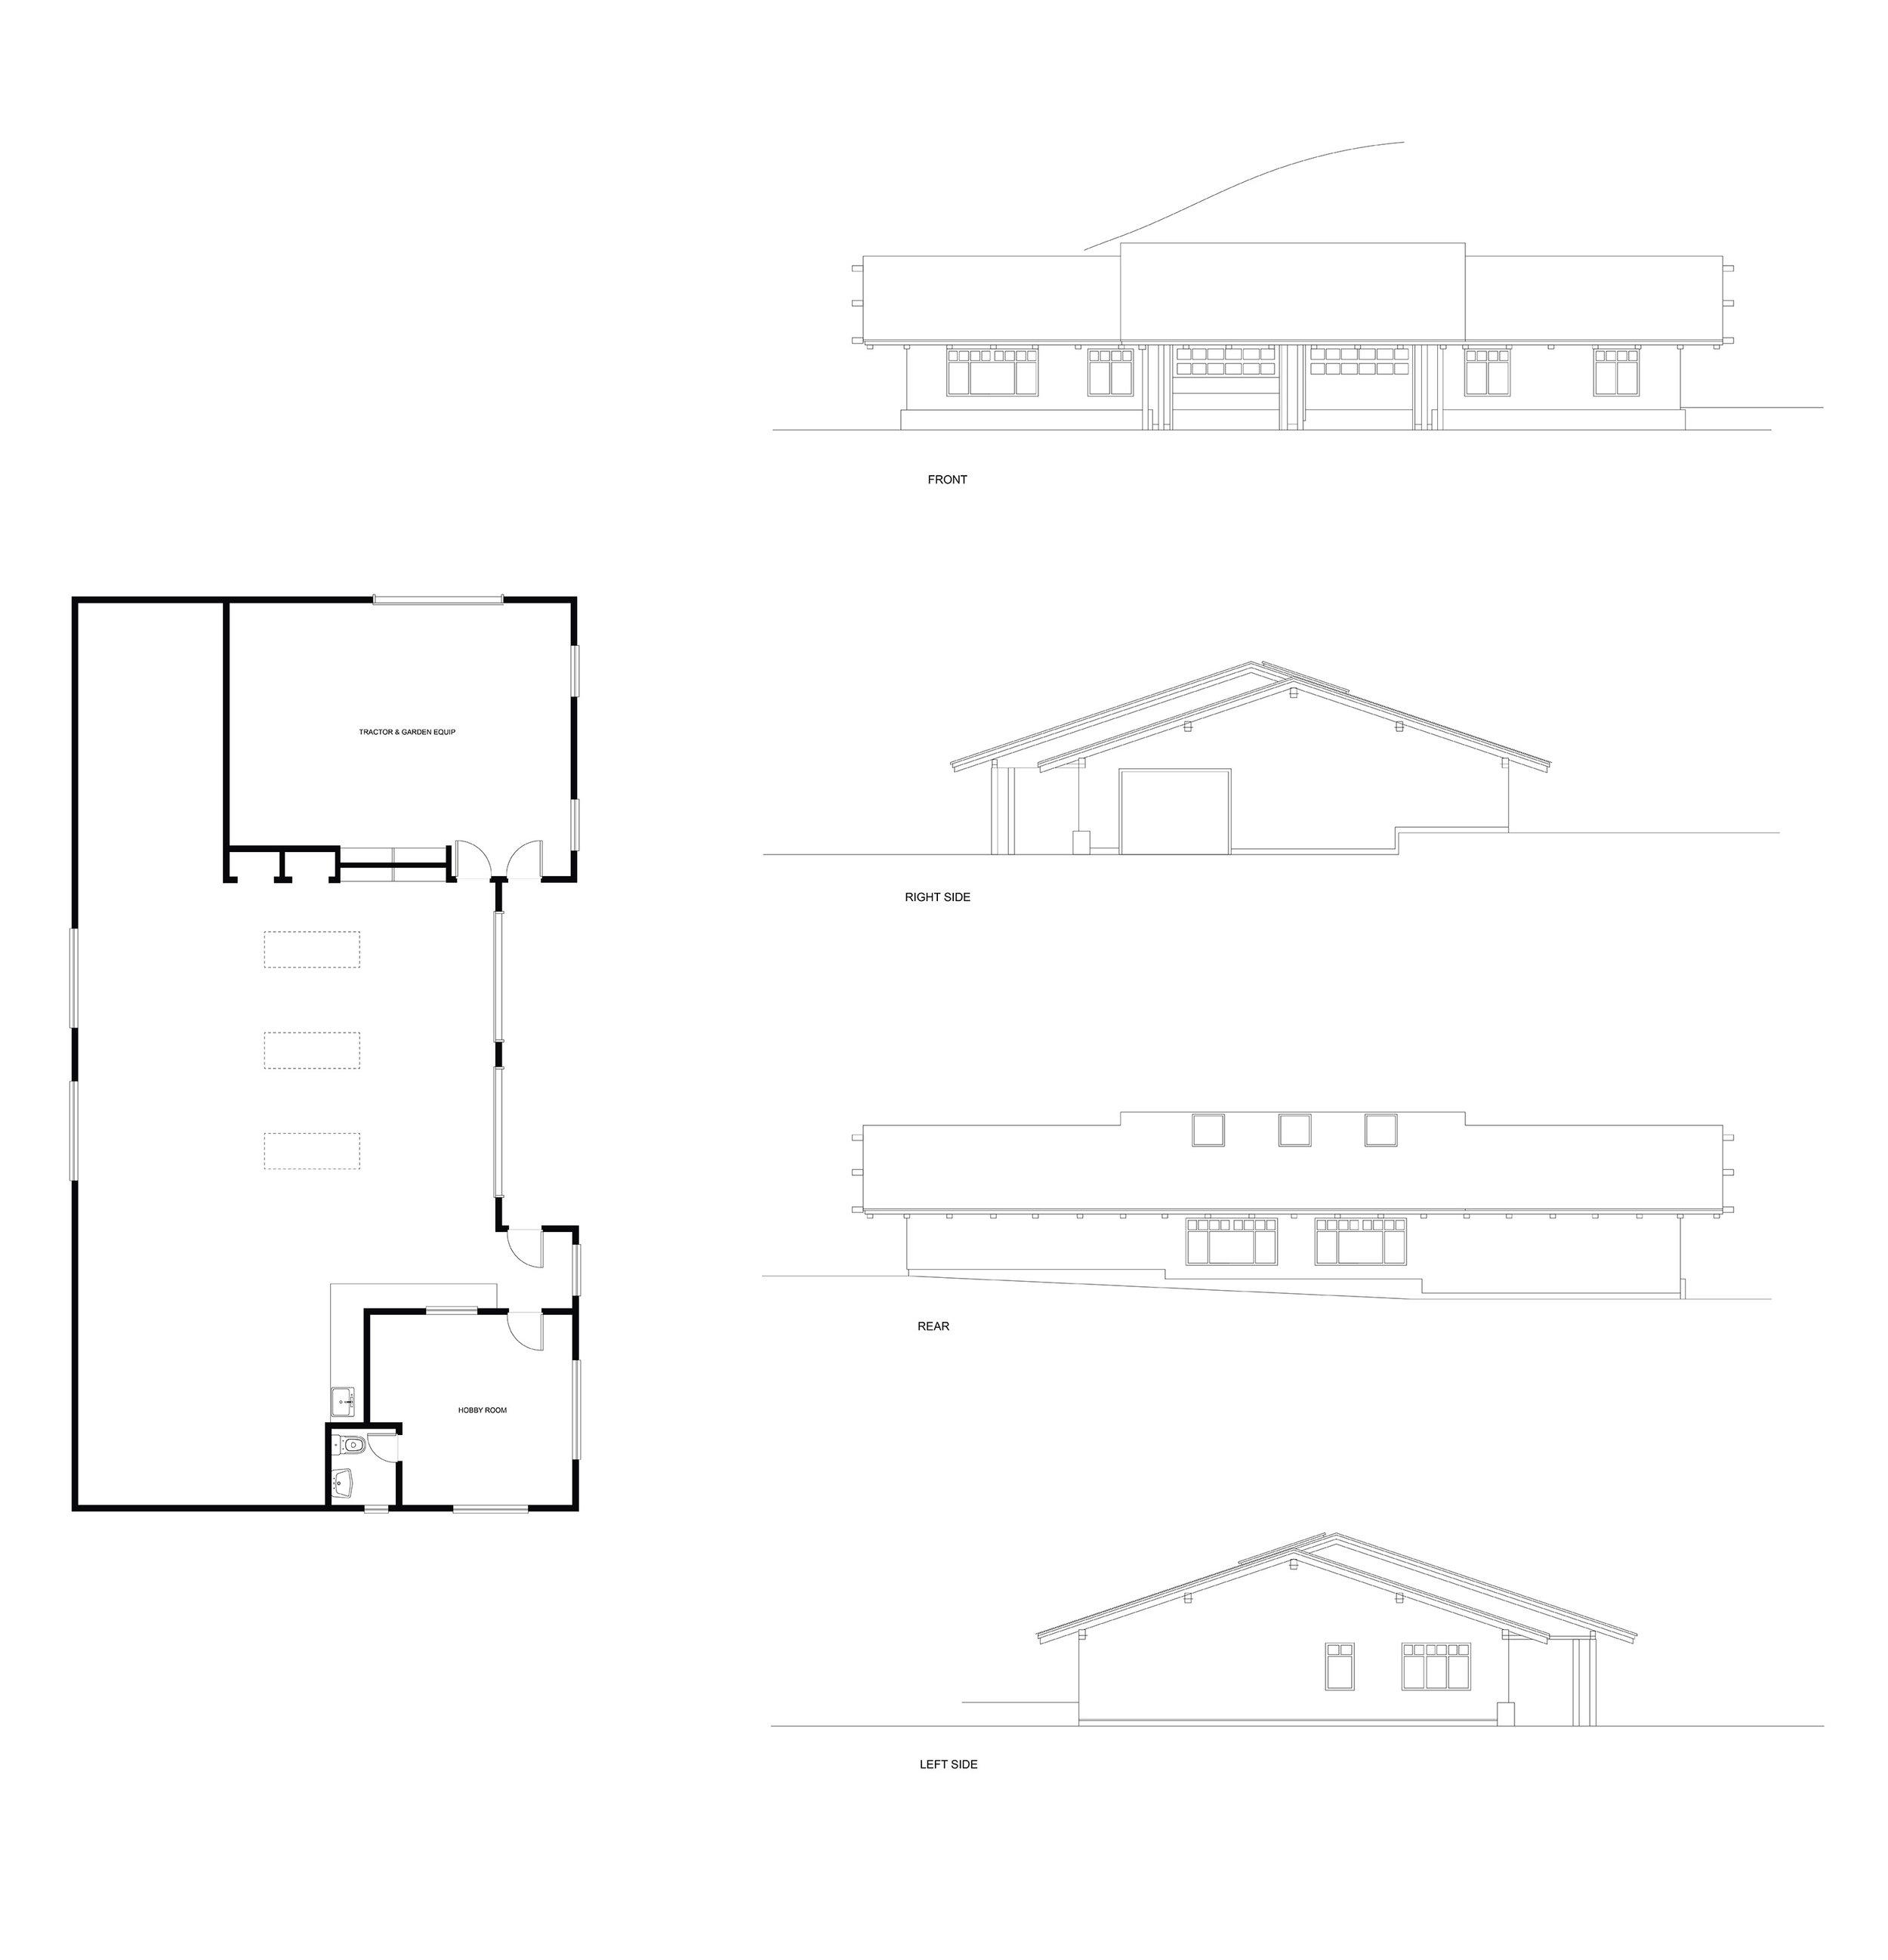 Garage Elevations & Floor Plan